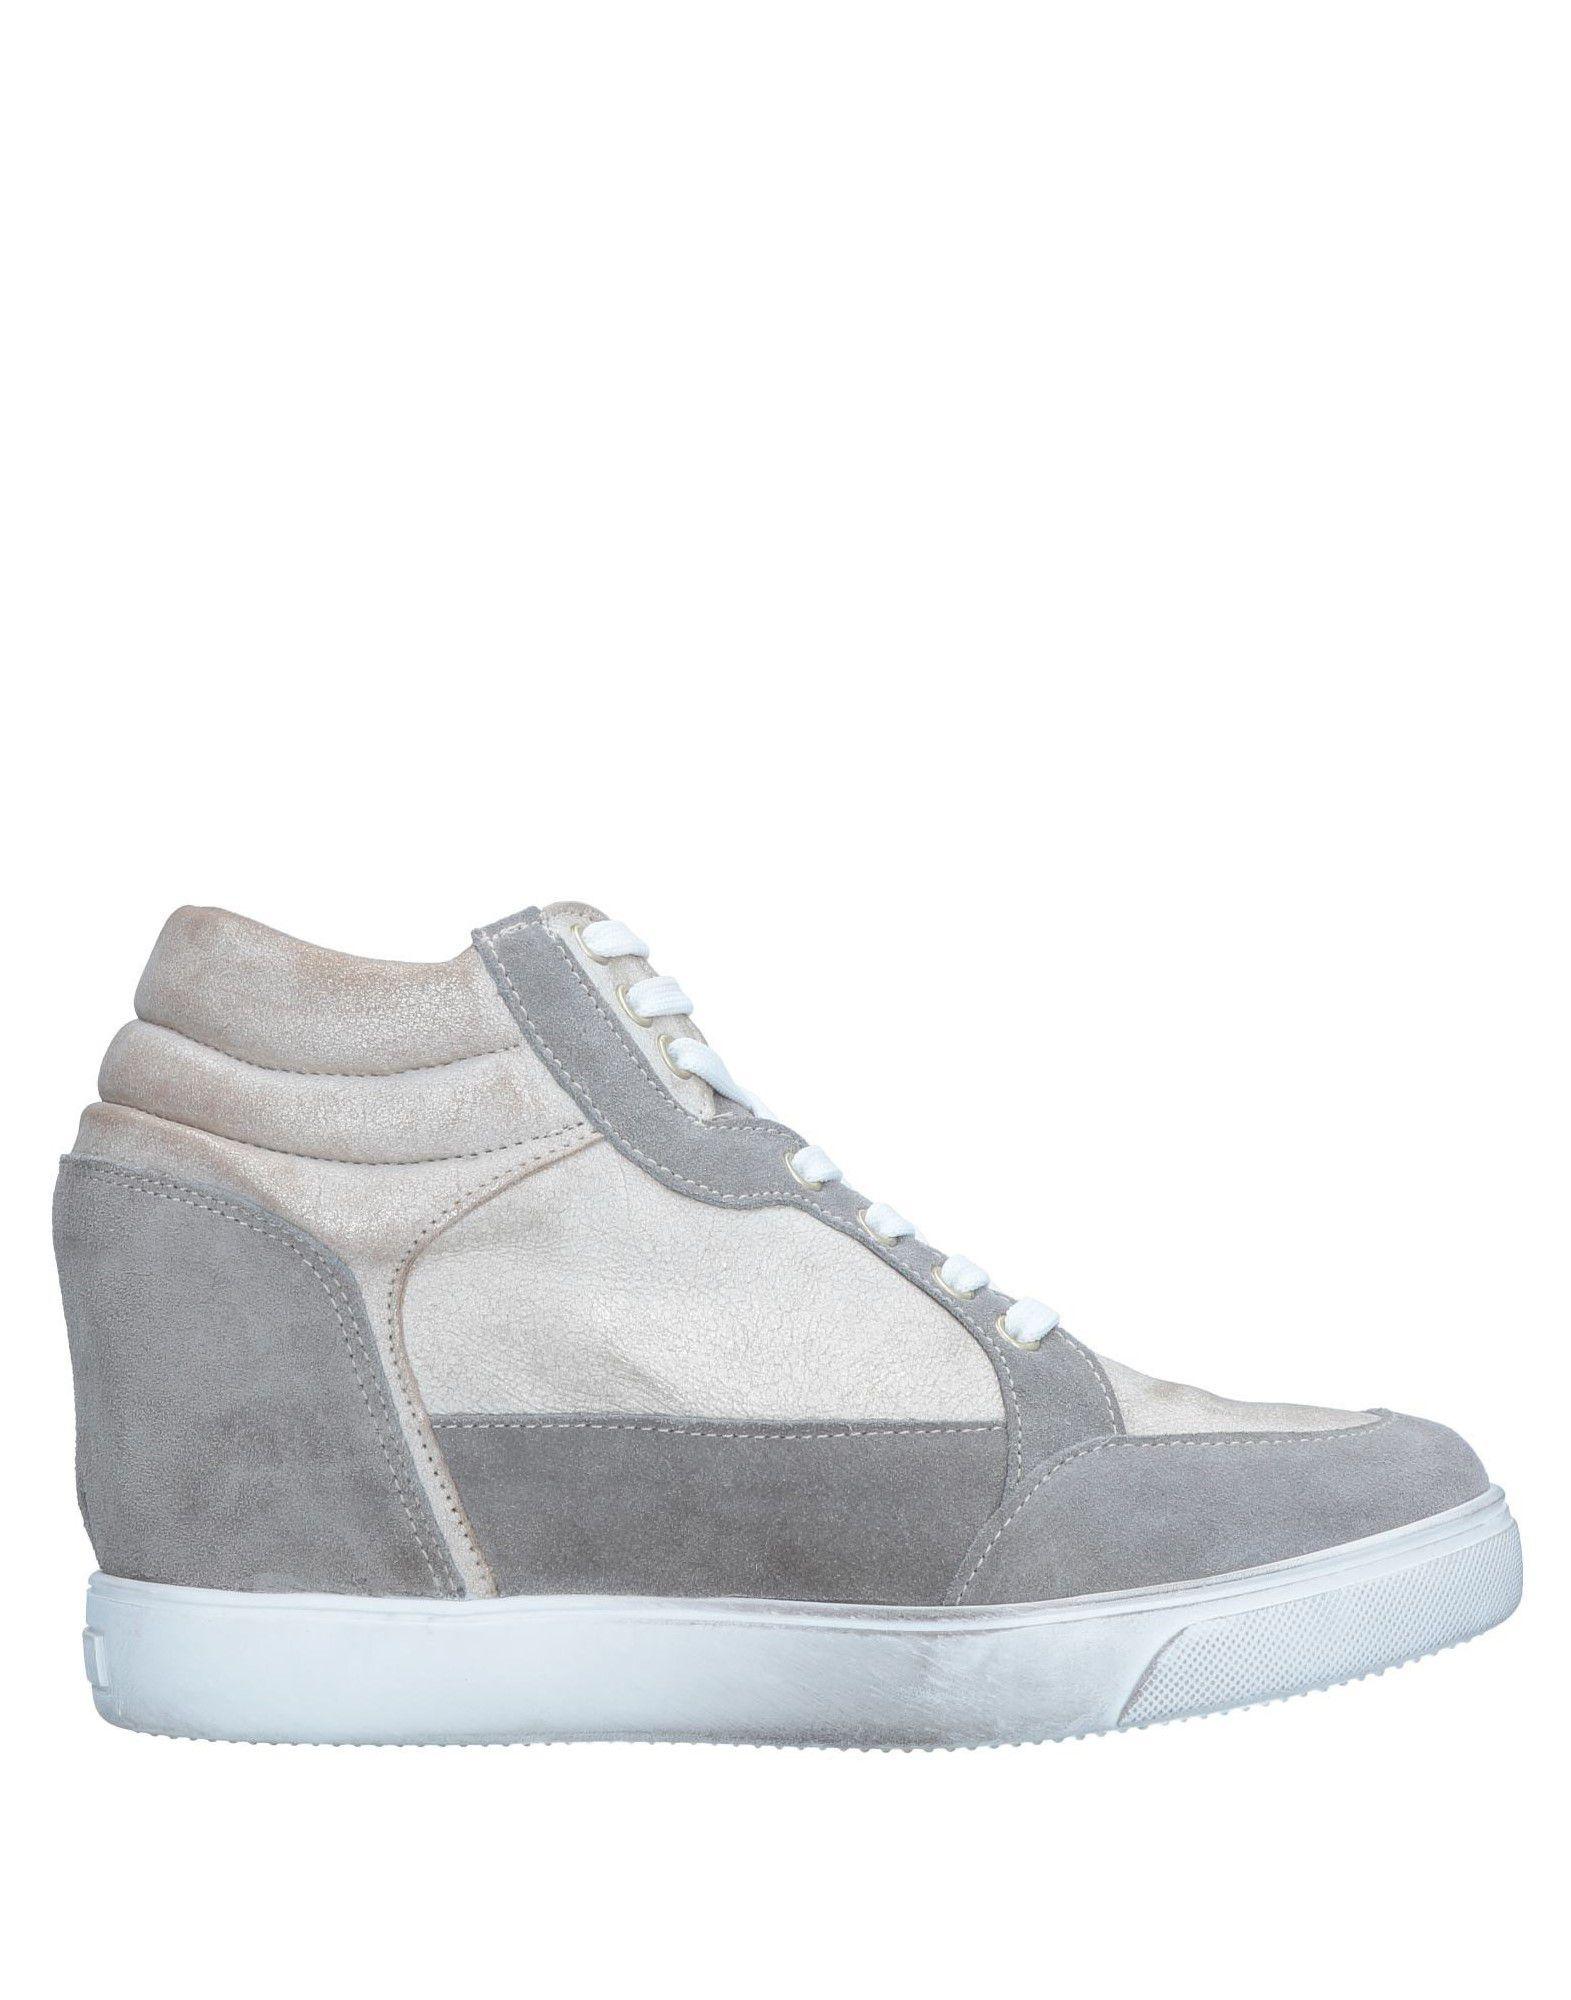 J.Ko Sneakers Damen  11546043HH Gute Qualität beliebte Schuhe